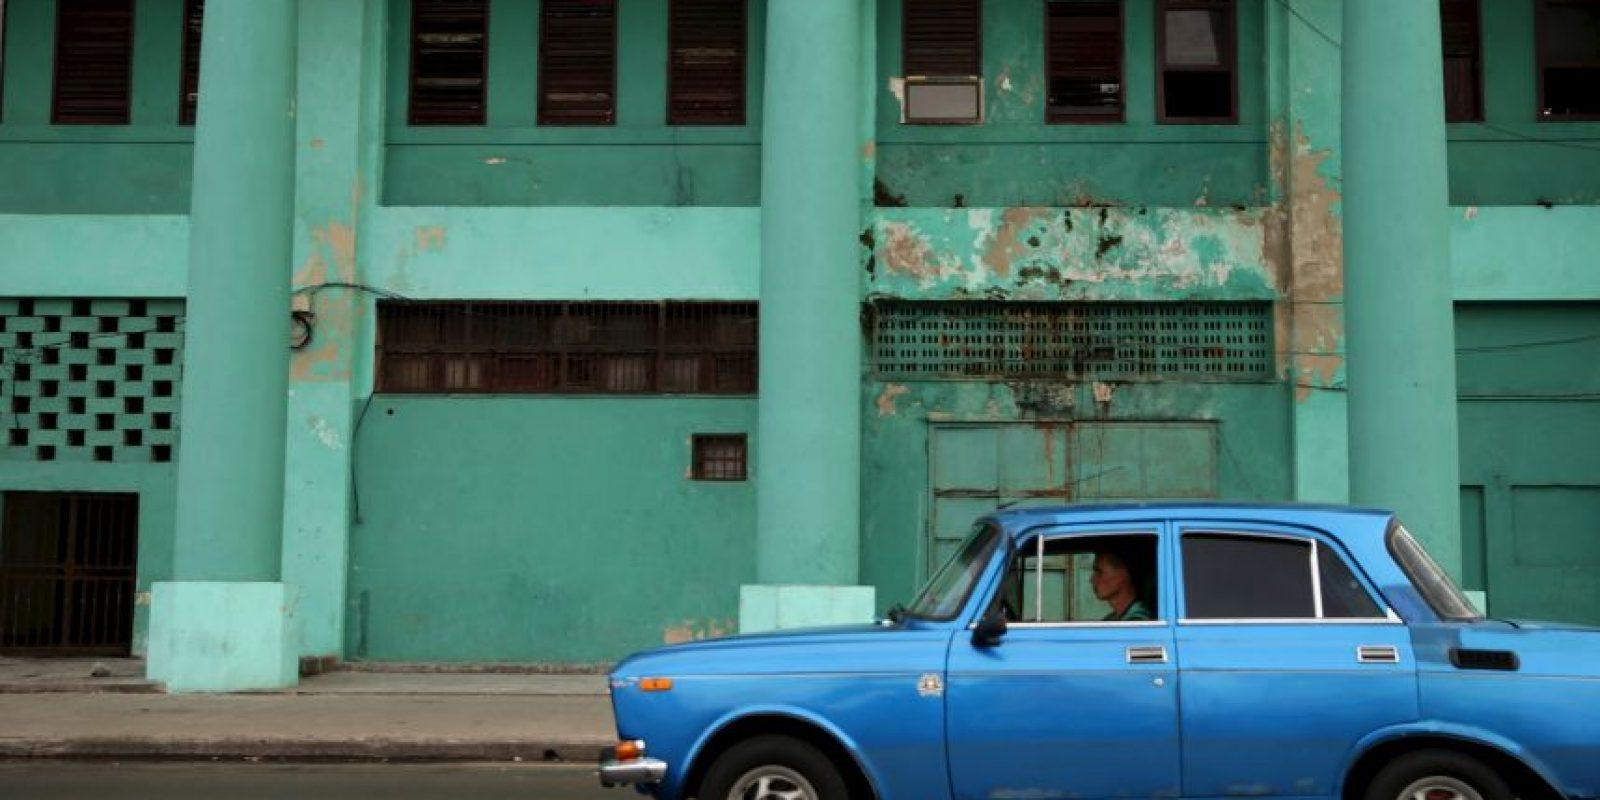 El exmandatario también apoyó la gestión de su hermano Raúl Castro, actual presidente de Cuba. Foto:Getty